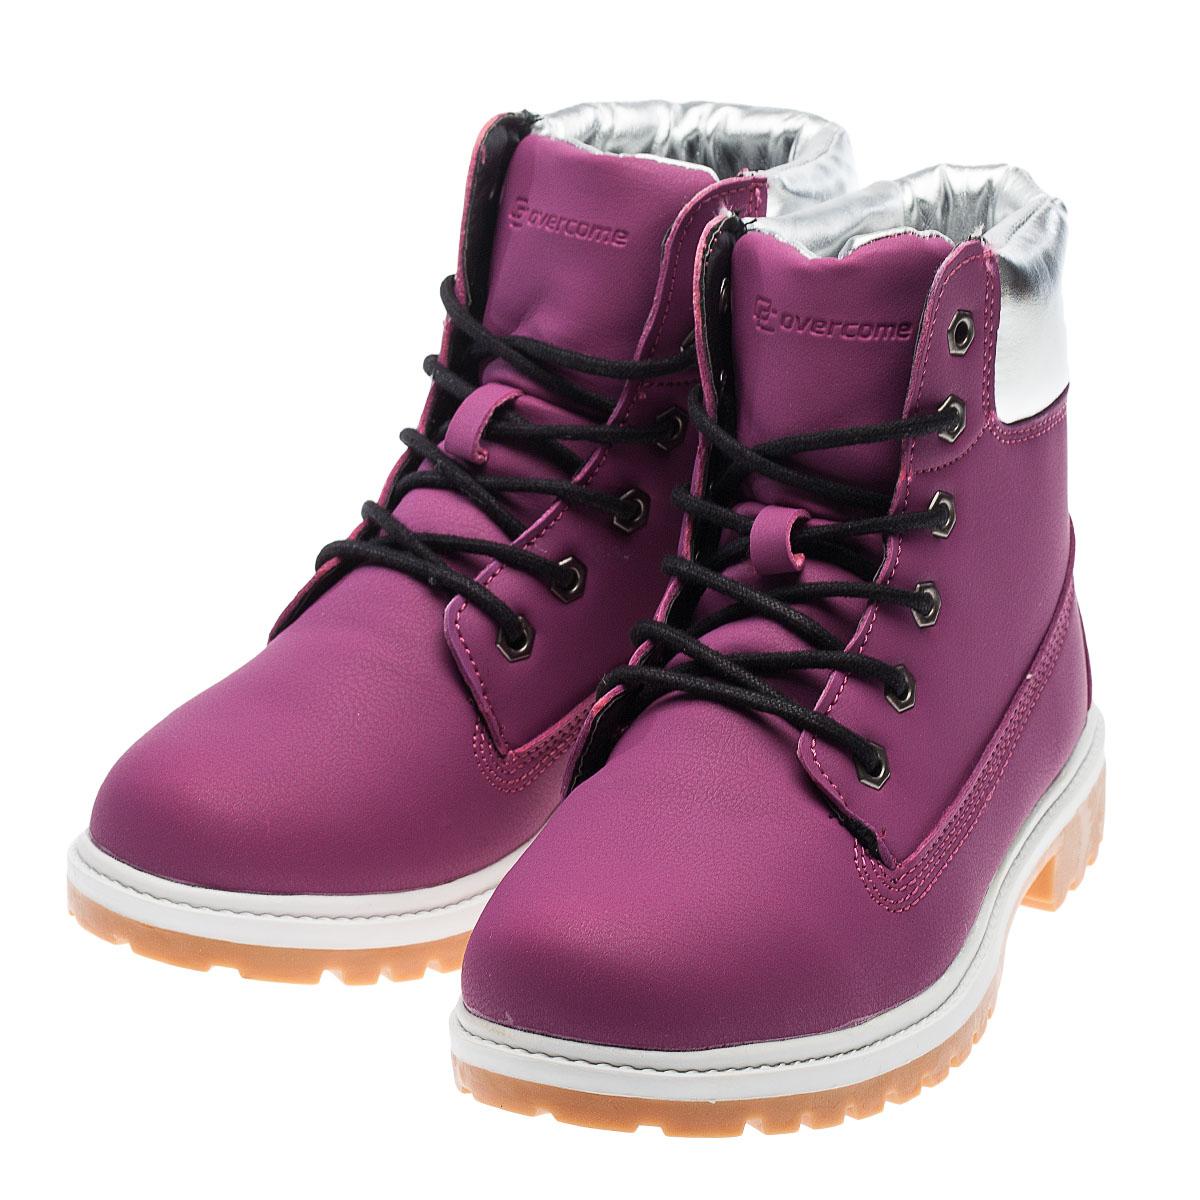 Ботинки зимние Overcome, HSL 16710